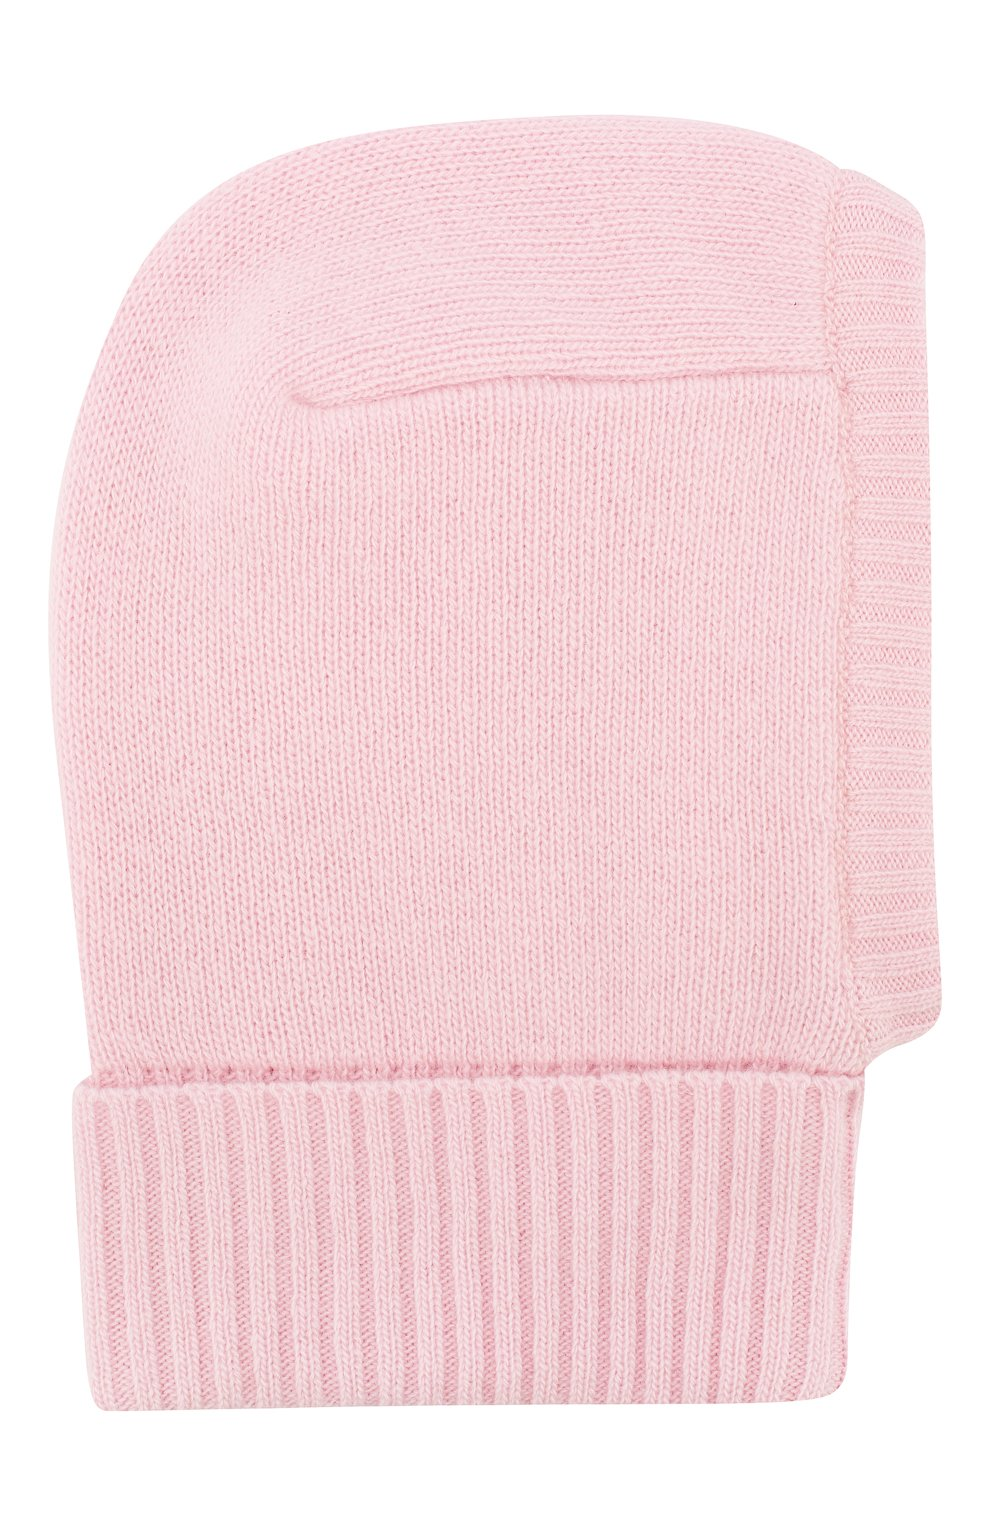 Детского шапка-балаклава из шерсти и кашемира IL TRENINO светло-розового цвета, арт. 19 6349/E0 | Фото 1